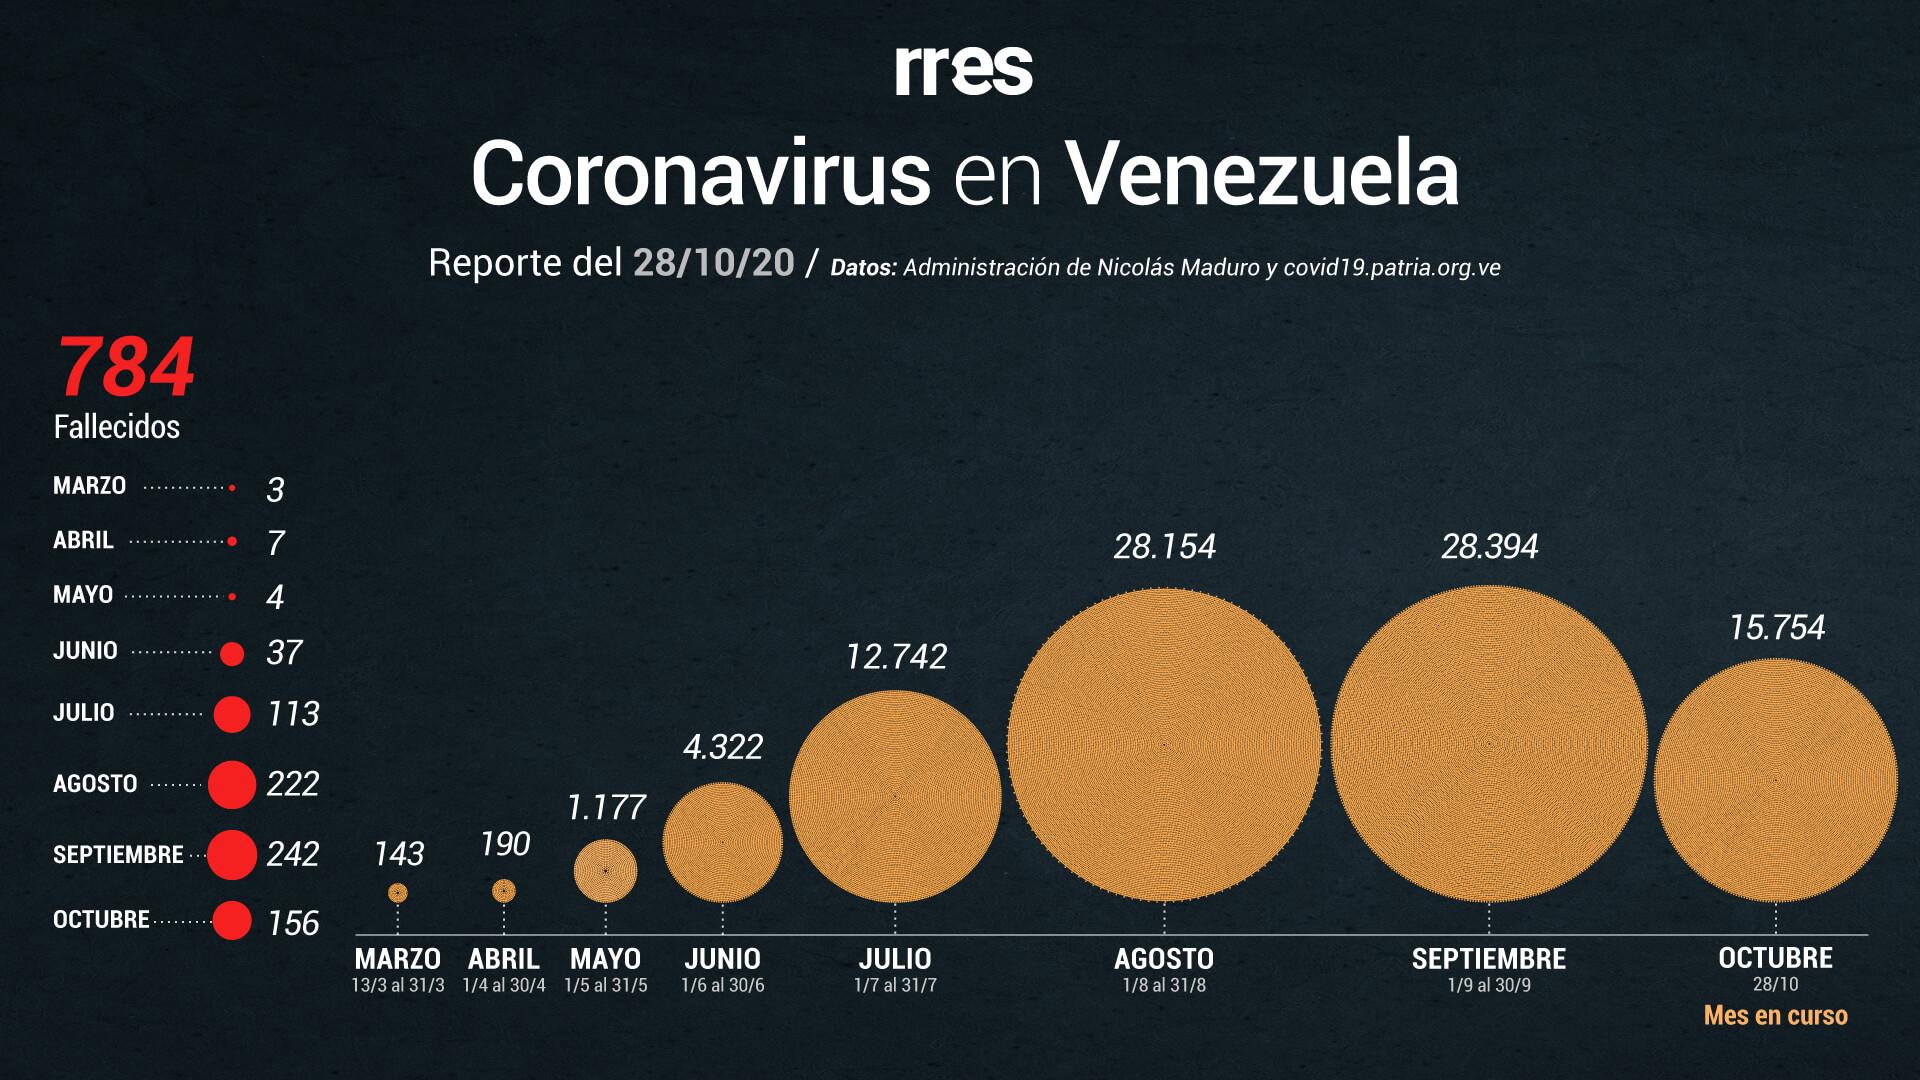 Venezuela registra 4 muertes más por COVID-19 y 476 nuevos casos este #28Oct